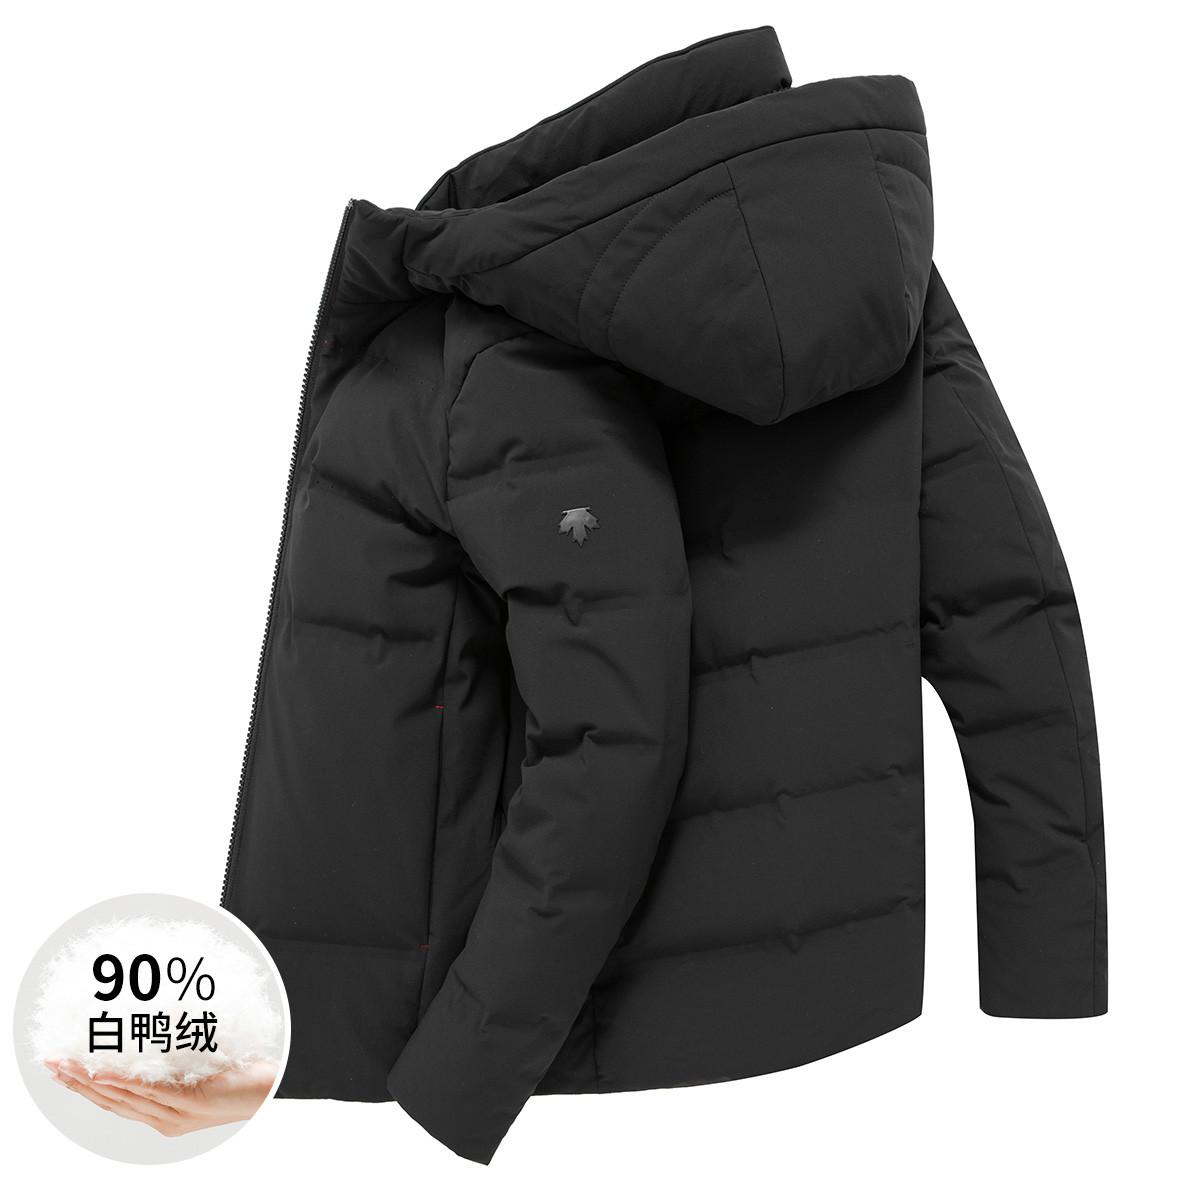 冬季新品休闲保暖羽绒服男耳机线束口90白鸭鸭绒连帽男士羽绒服